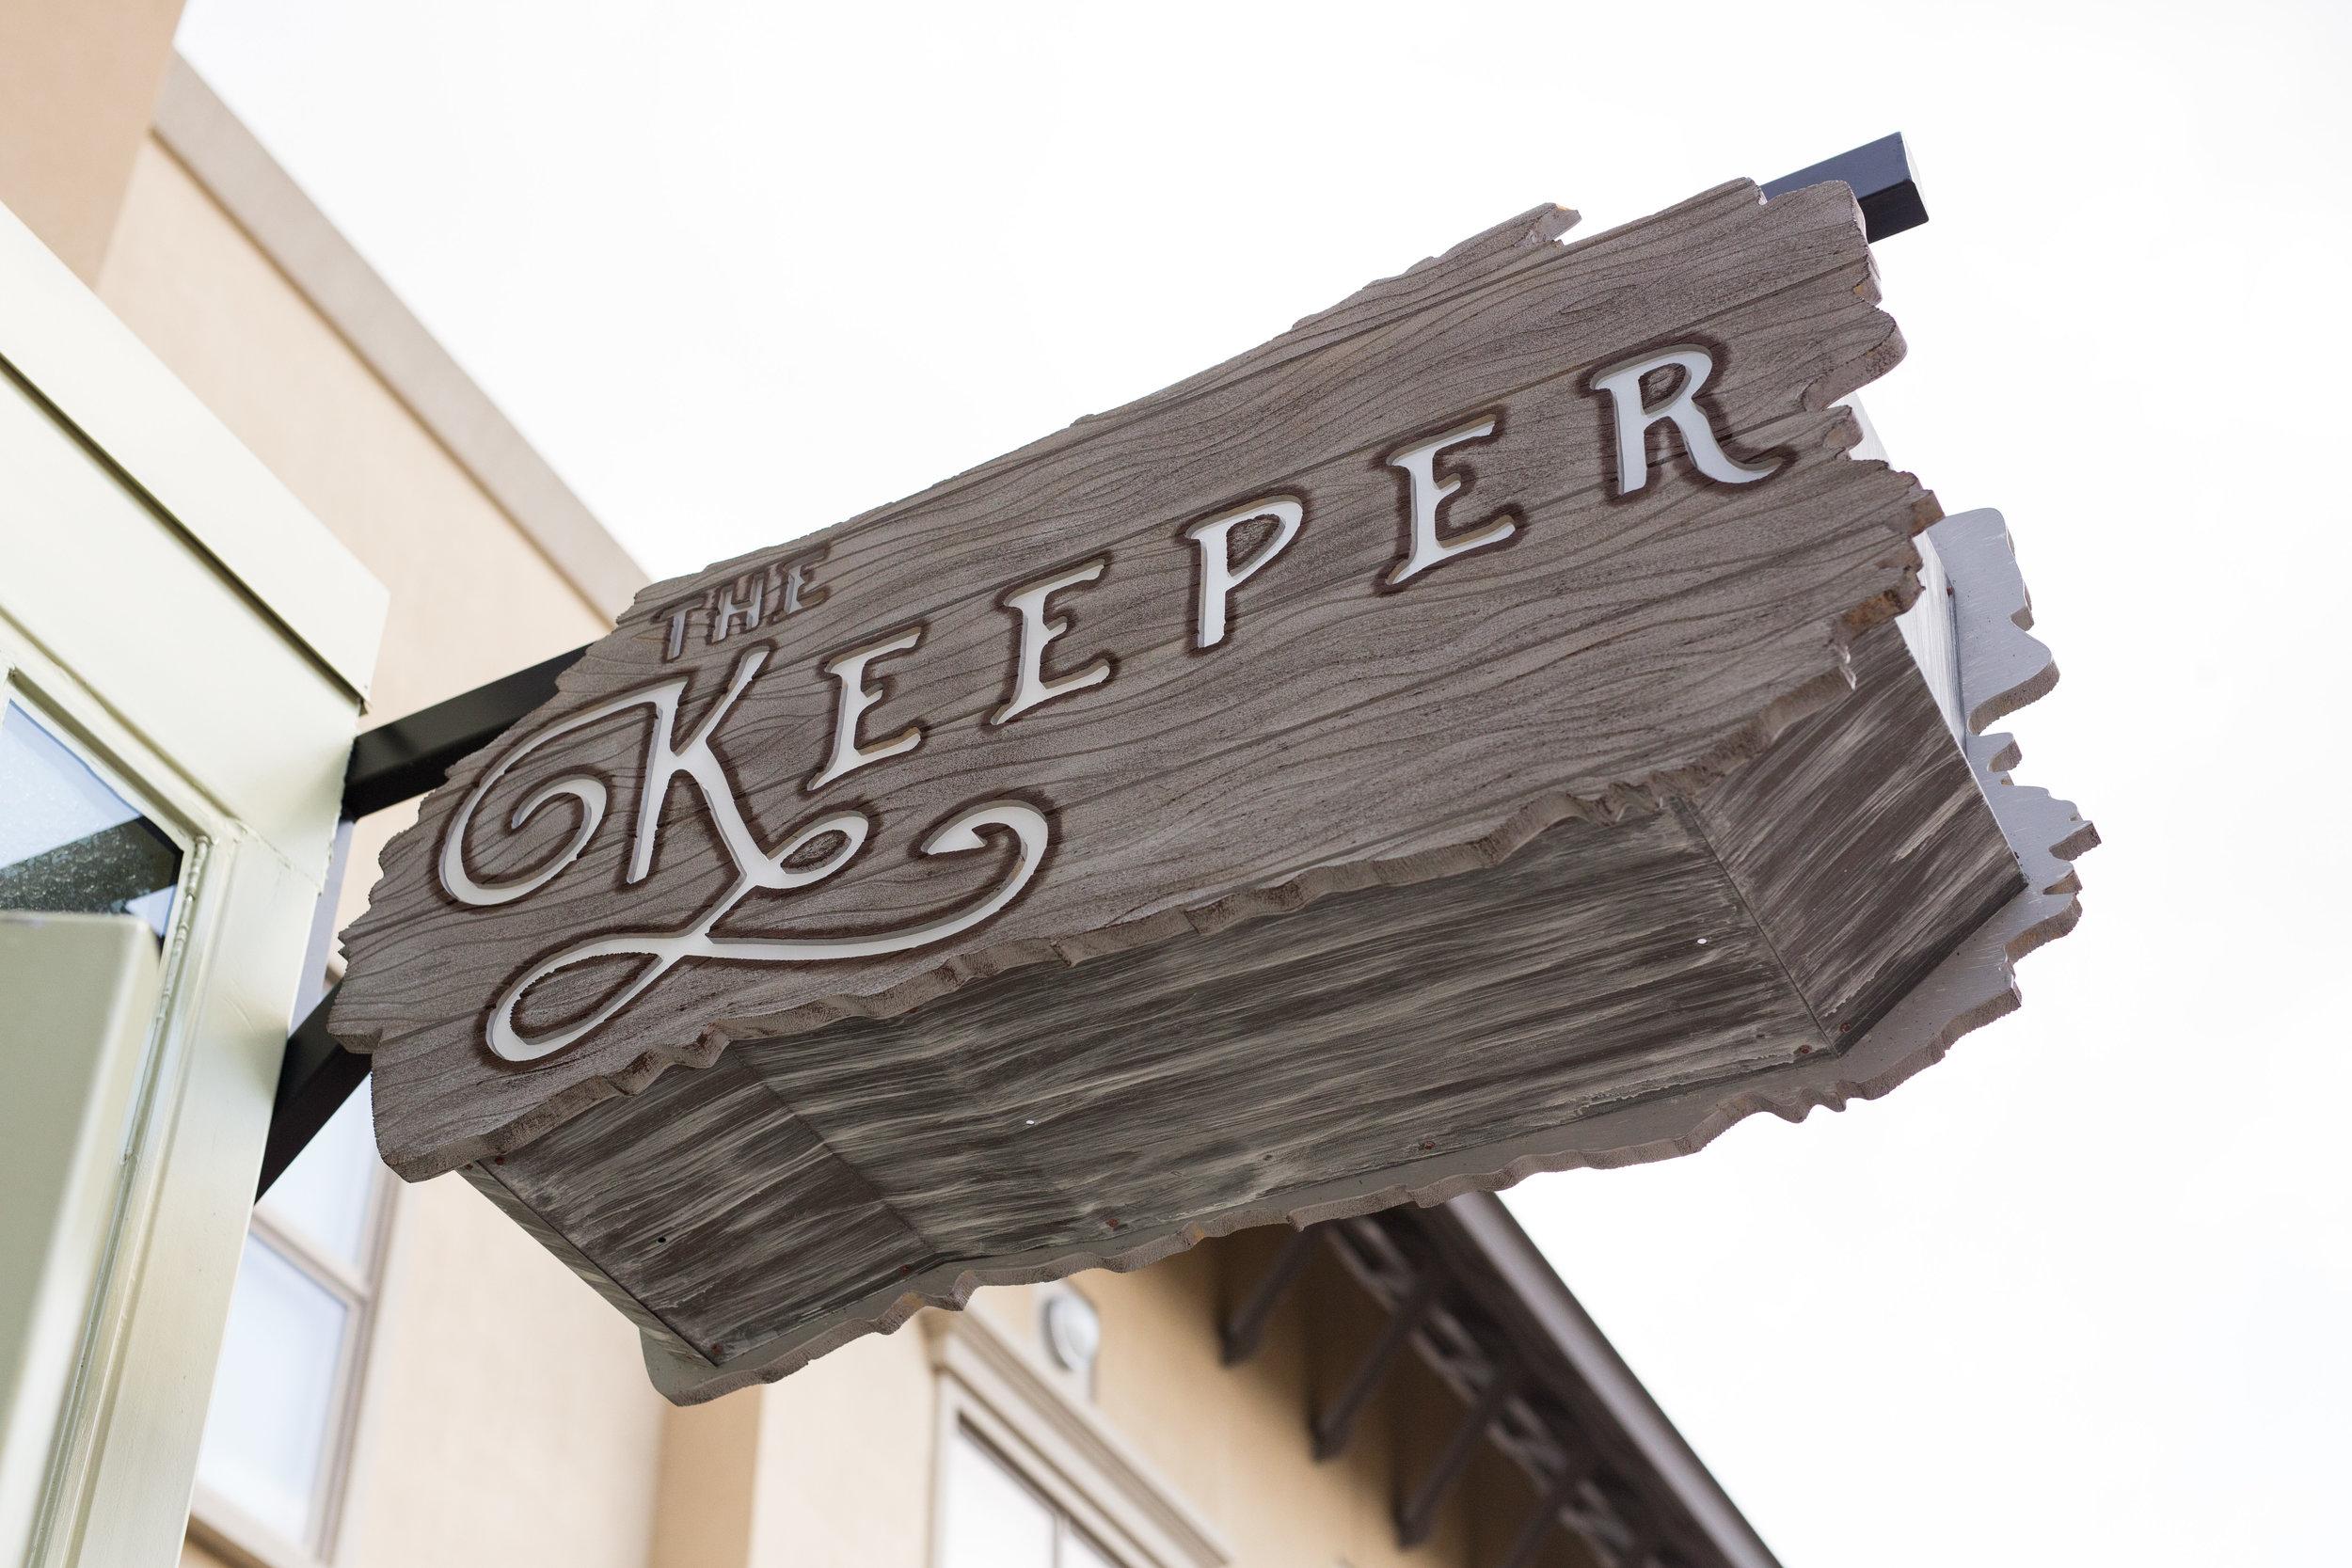 The3_TheKeeper183.jpg